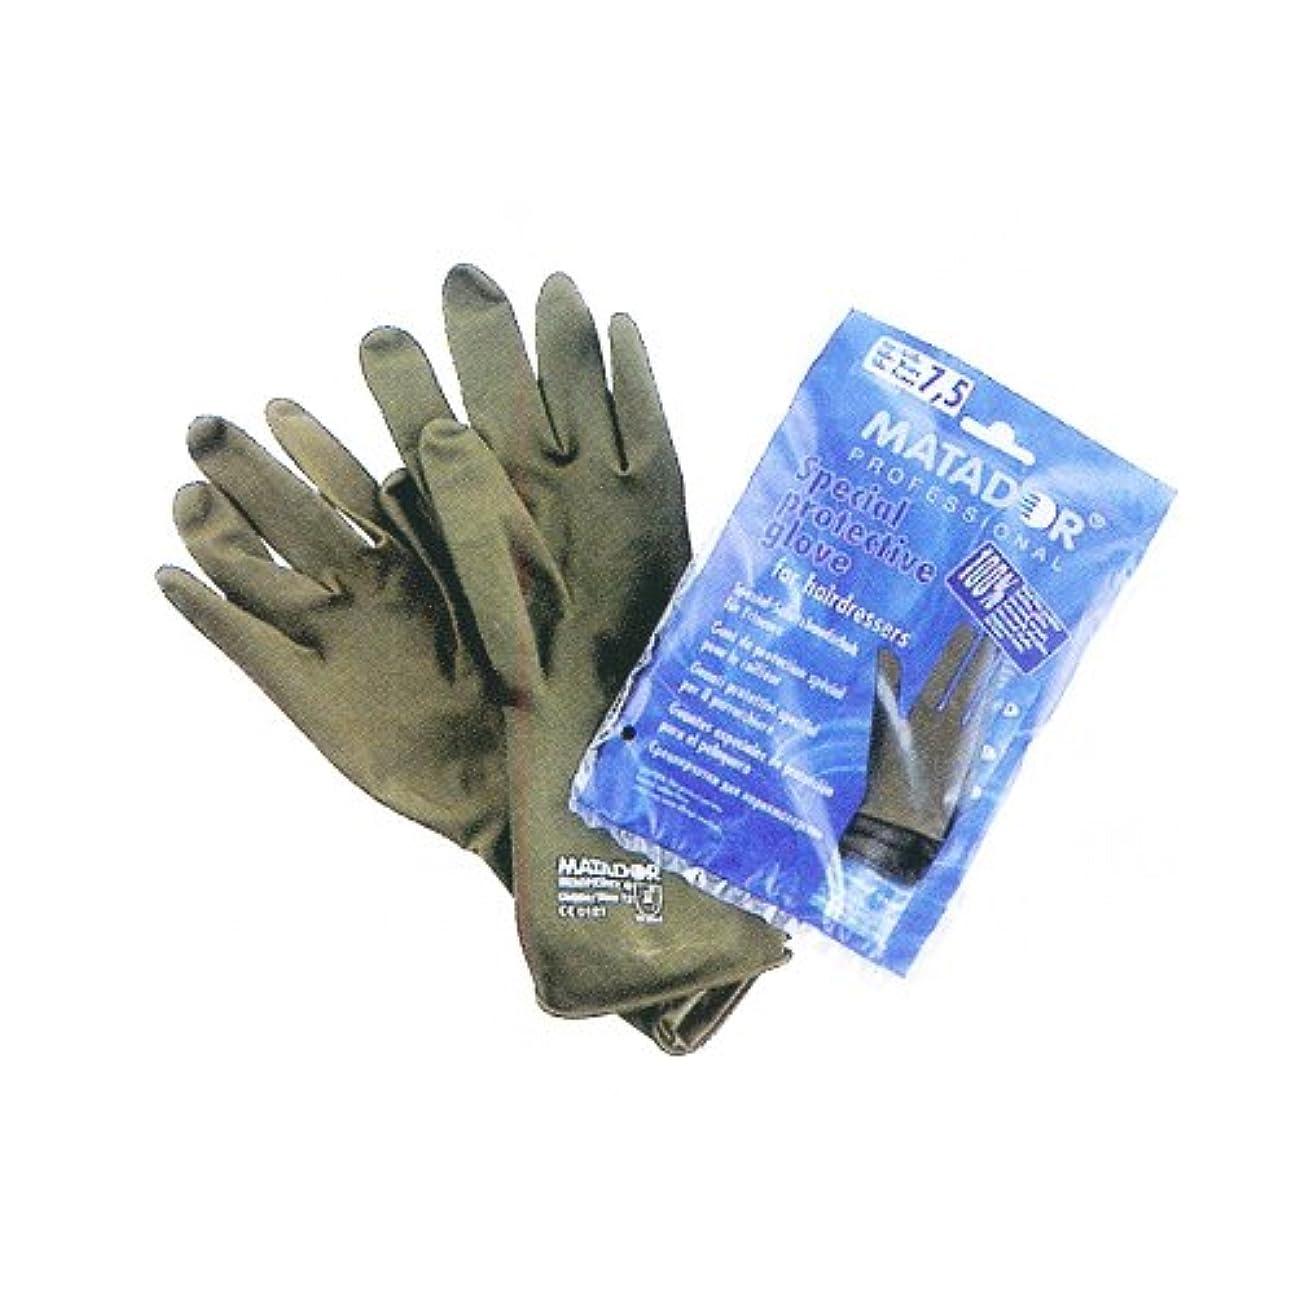 動員する過ち優れたマタドールゴム手袋 6.0吋